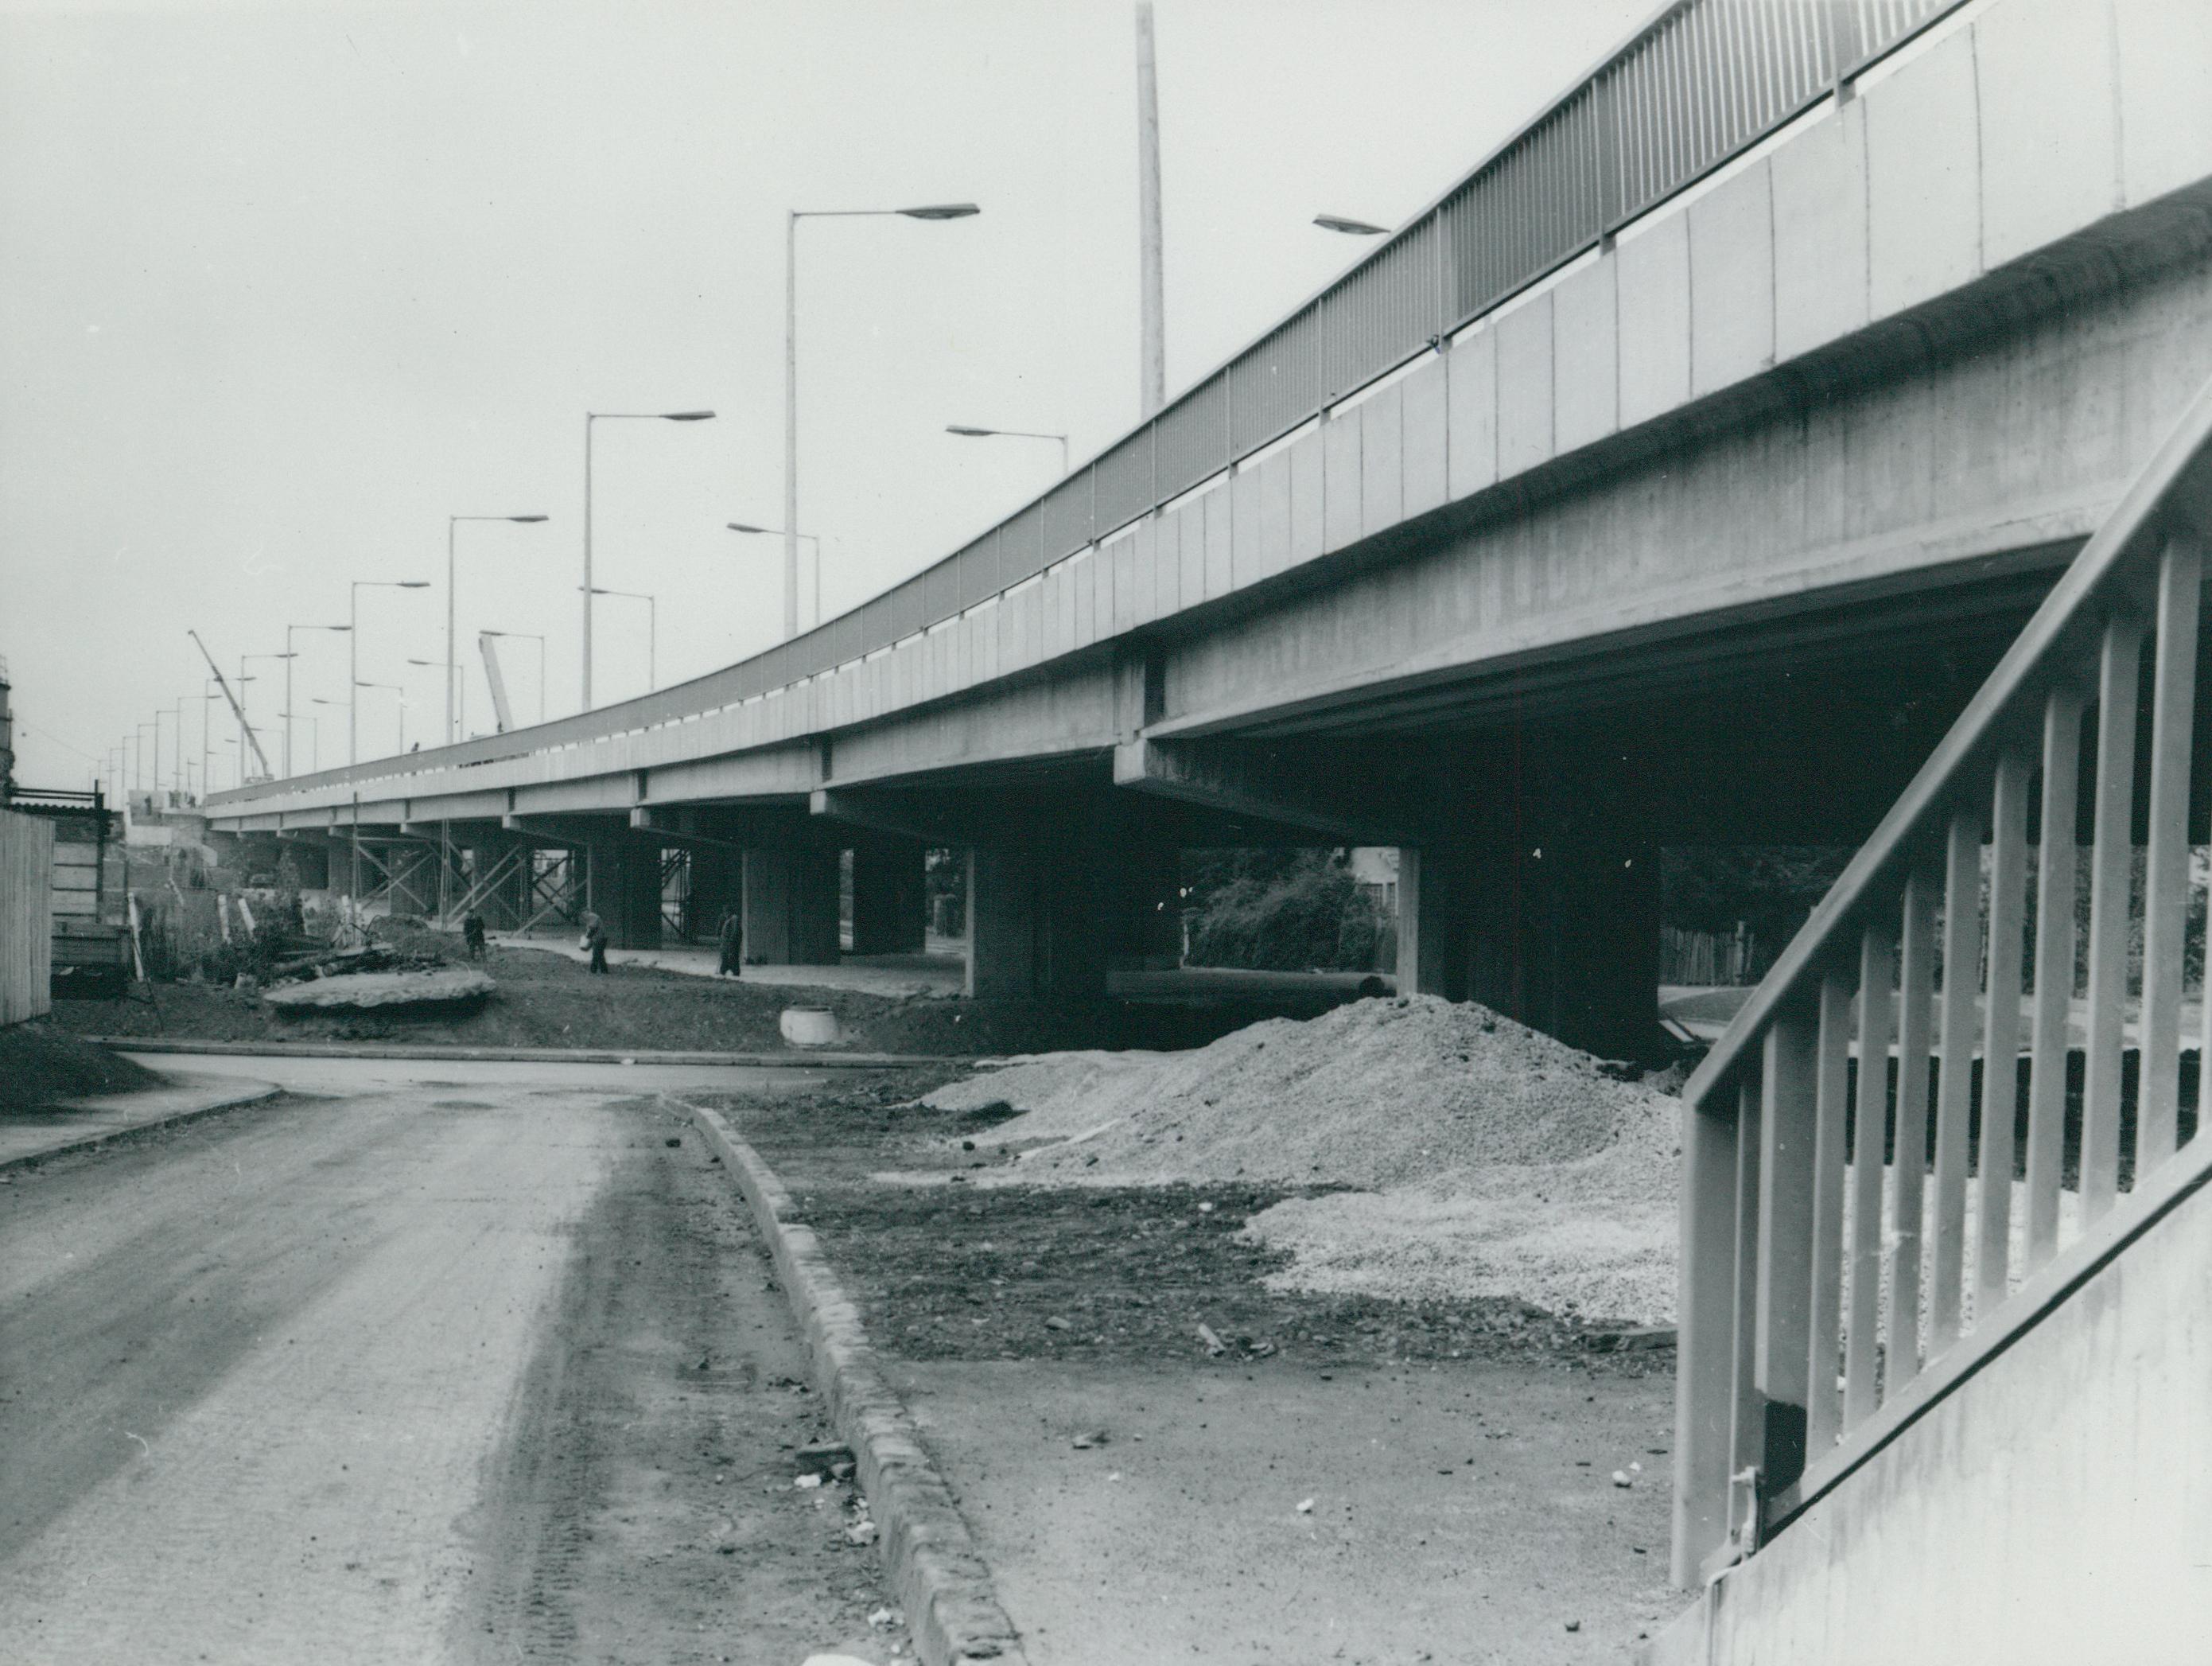 A szegedi Bertalan híd felhajtója